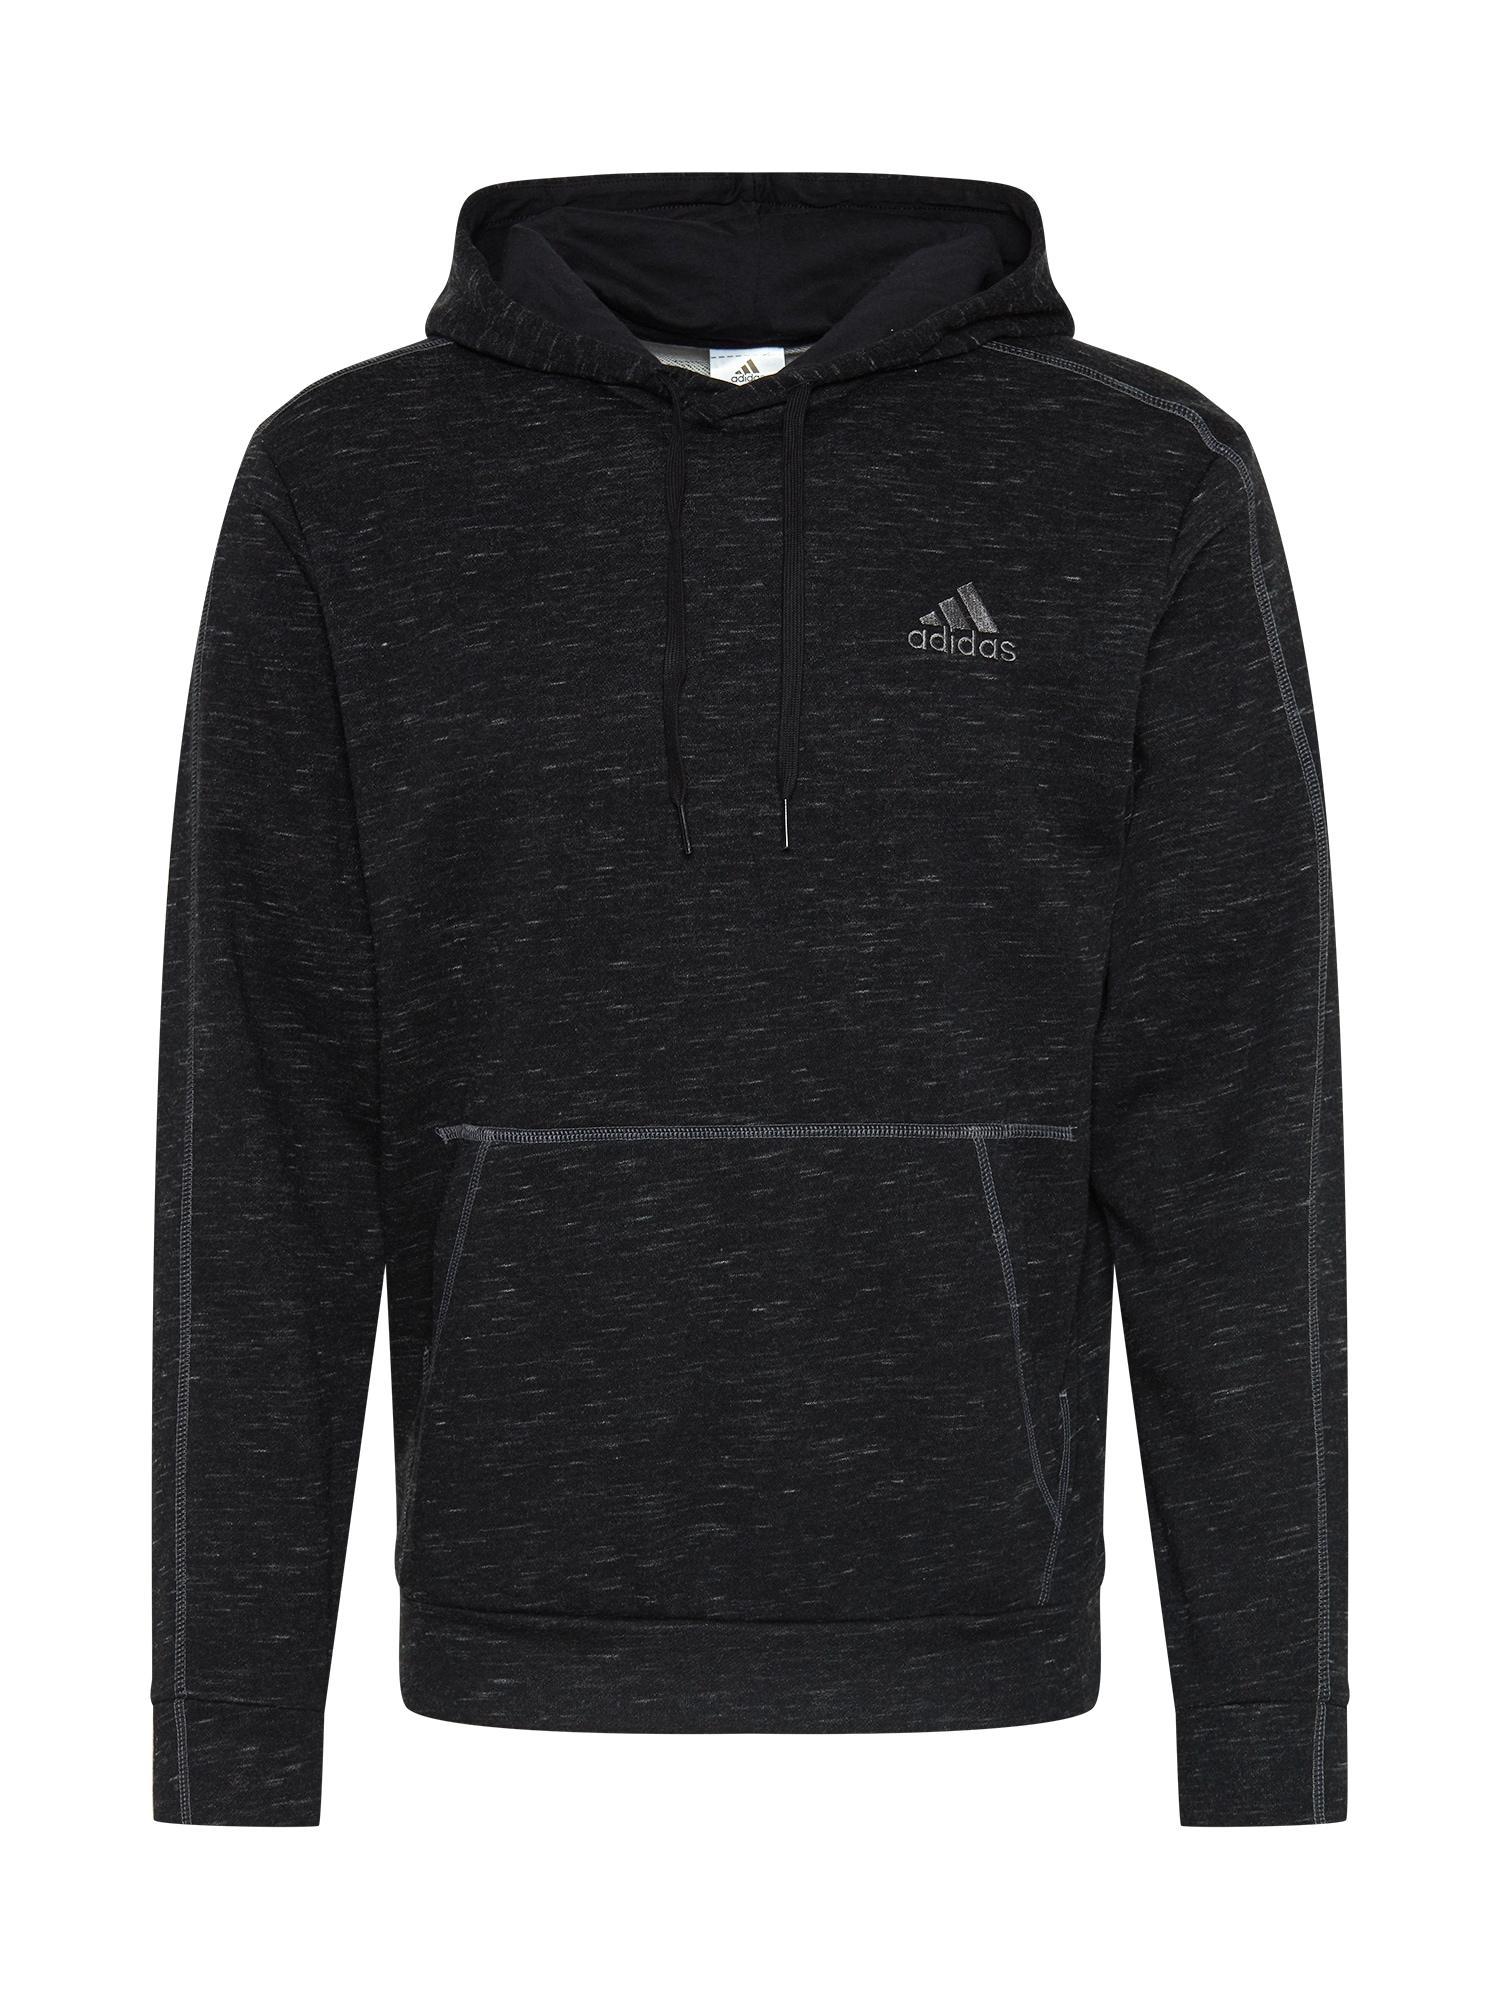 ADIDAS PERFORMANCE Sportinio tipo megztinis margai juoda / pilka